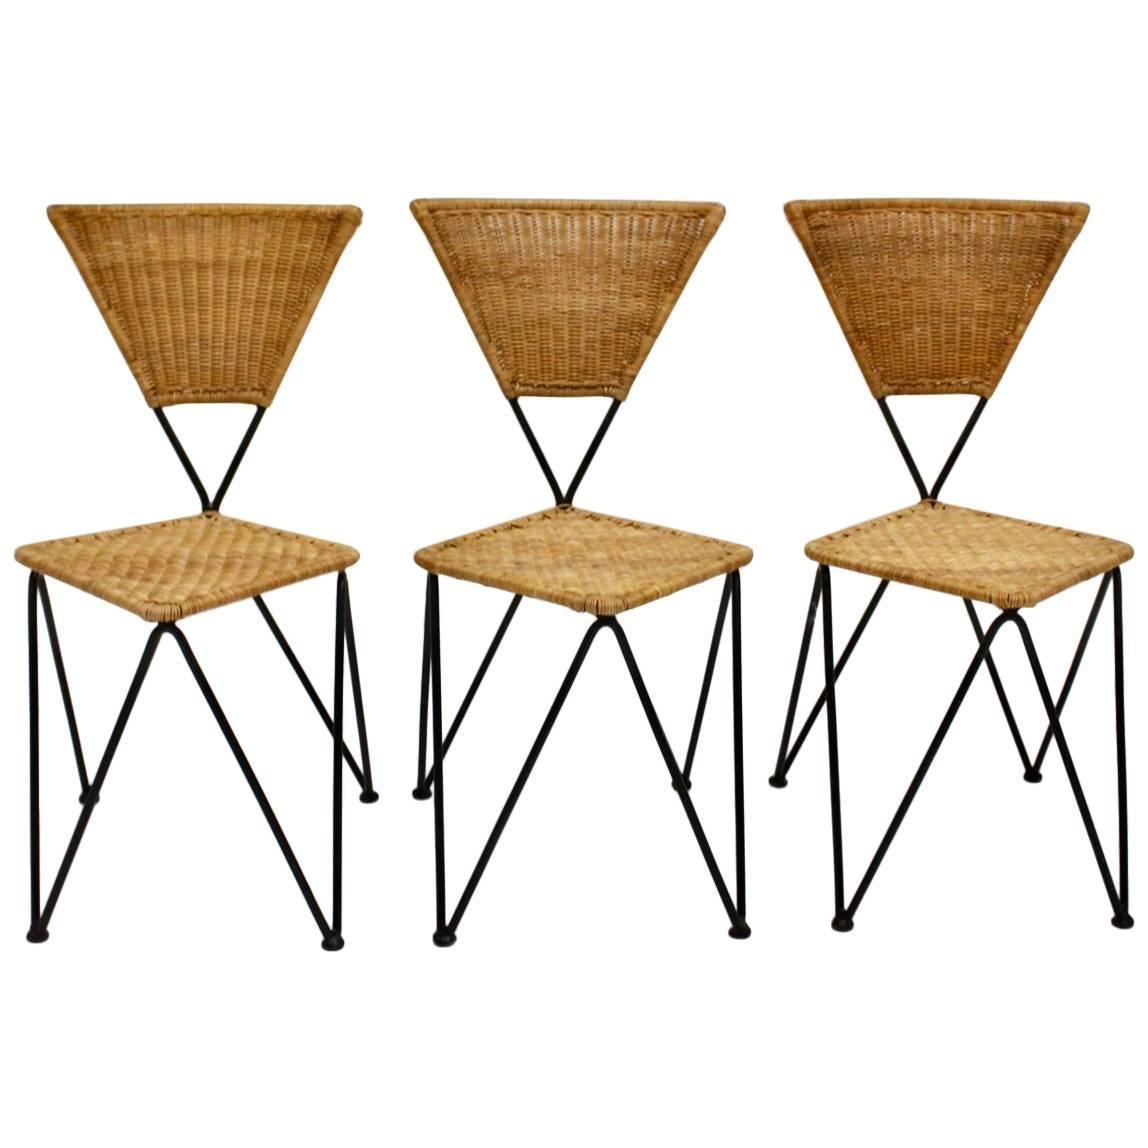 Wicker Vintage Garden Chairs by Karl Fostel Sen's Erben for Sonett Vienna ca1950